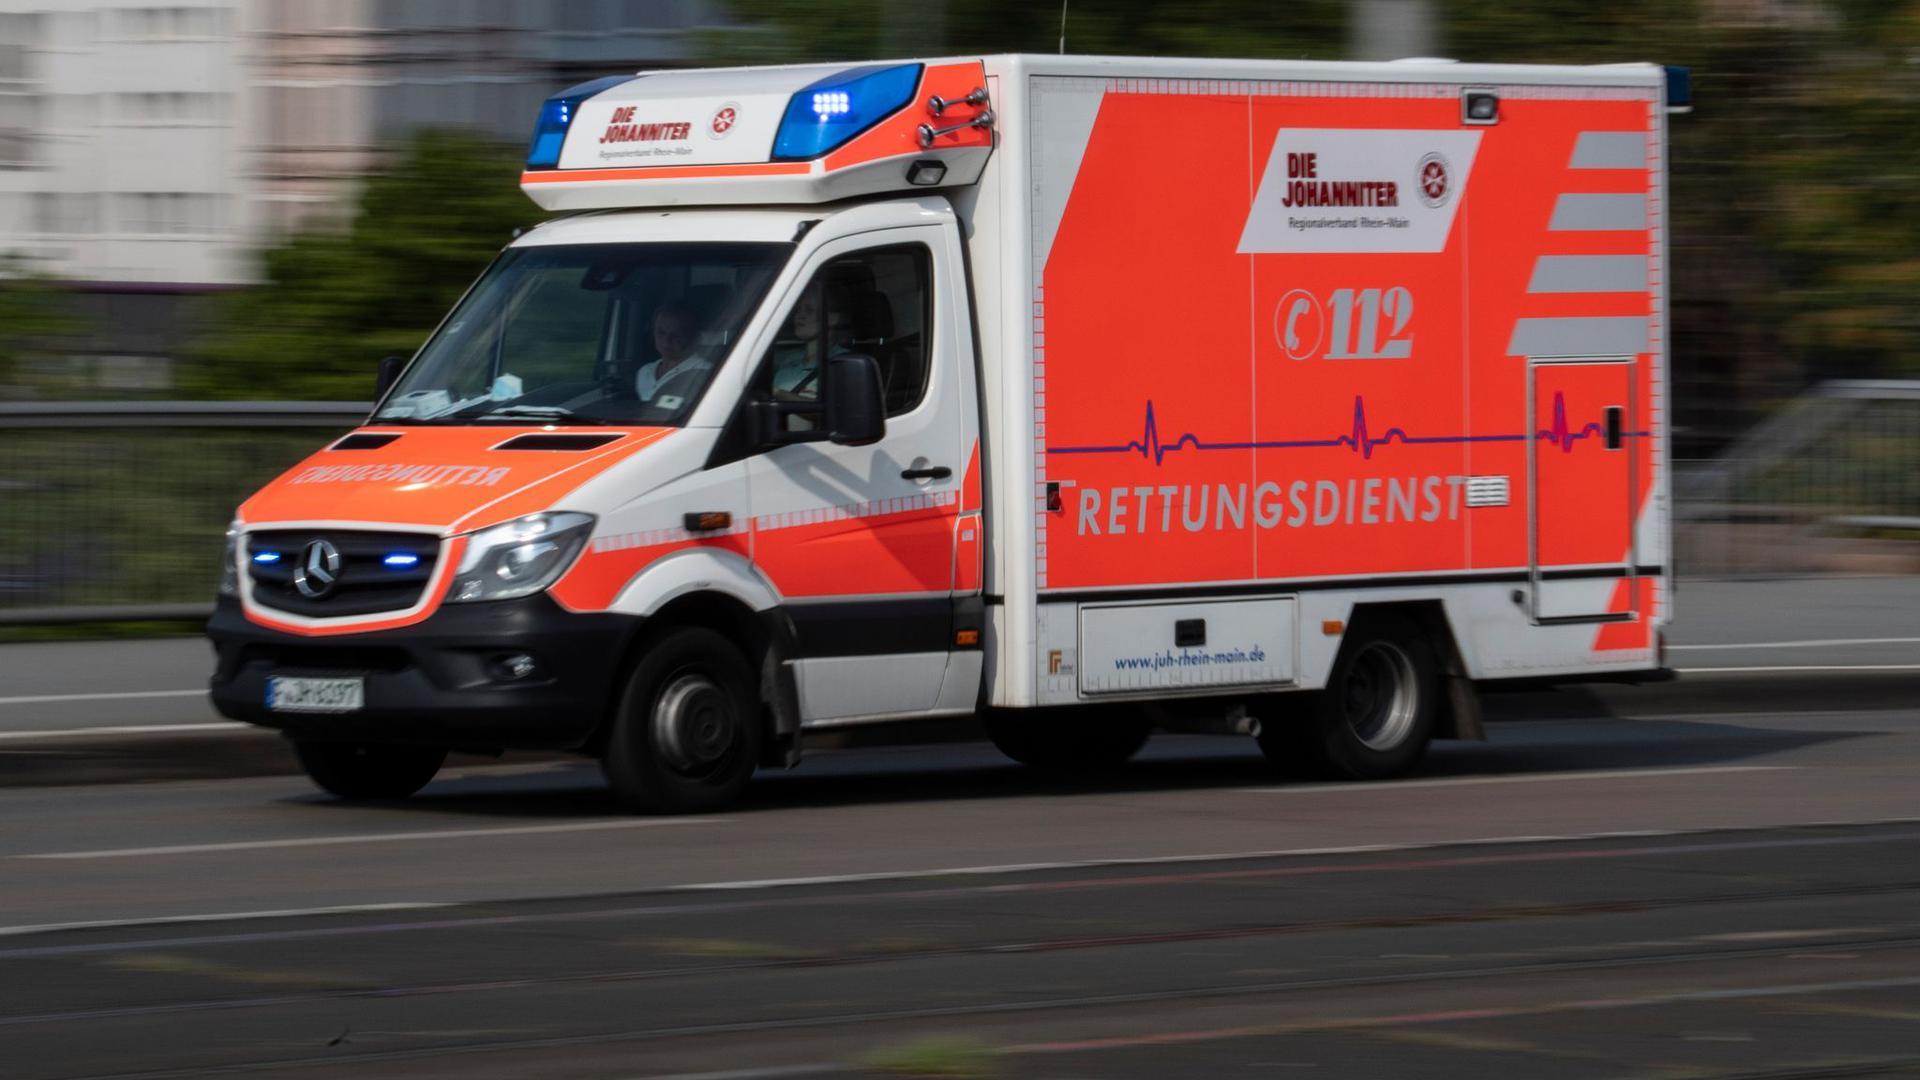 Mit eingeschaltetem Blaulicht fährt ein Rettungswagen eine Straße entlang.